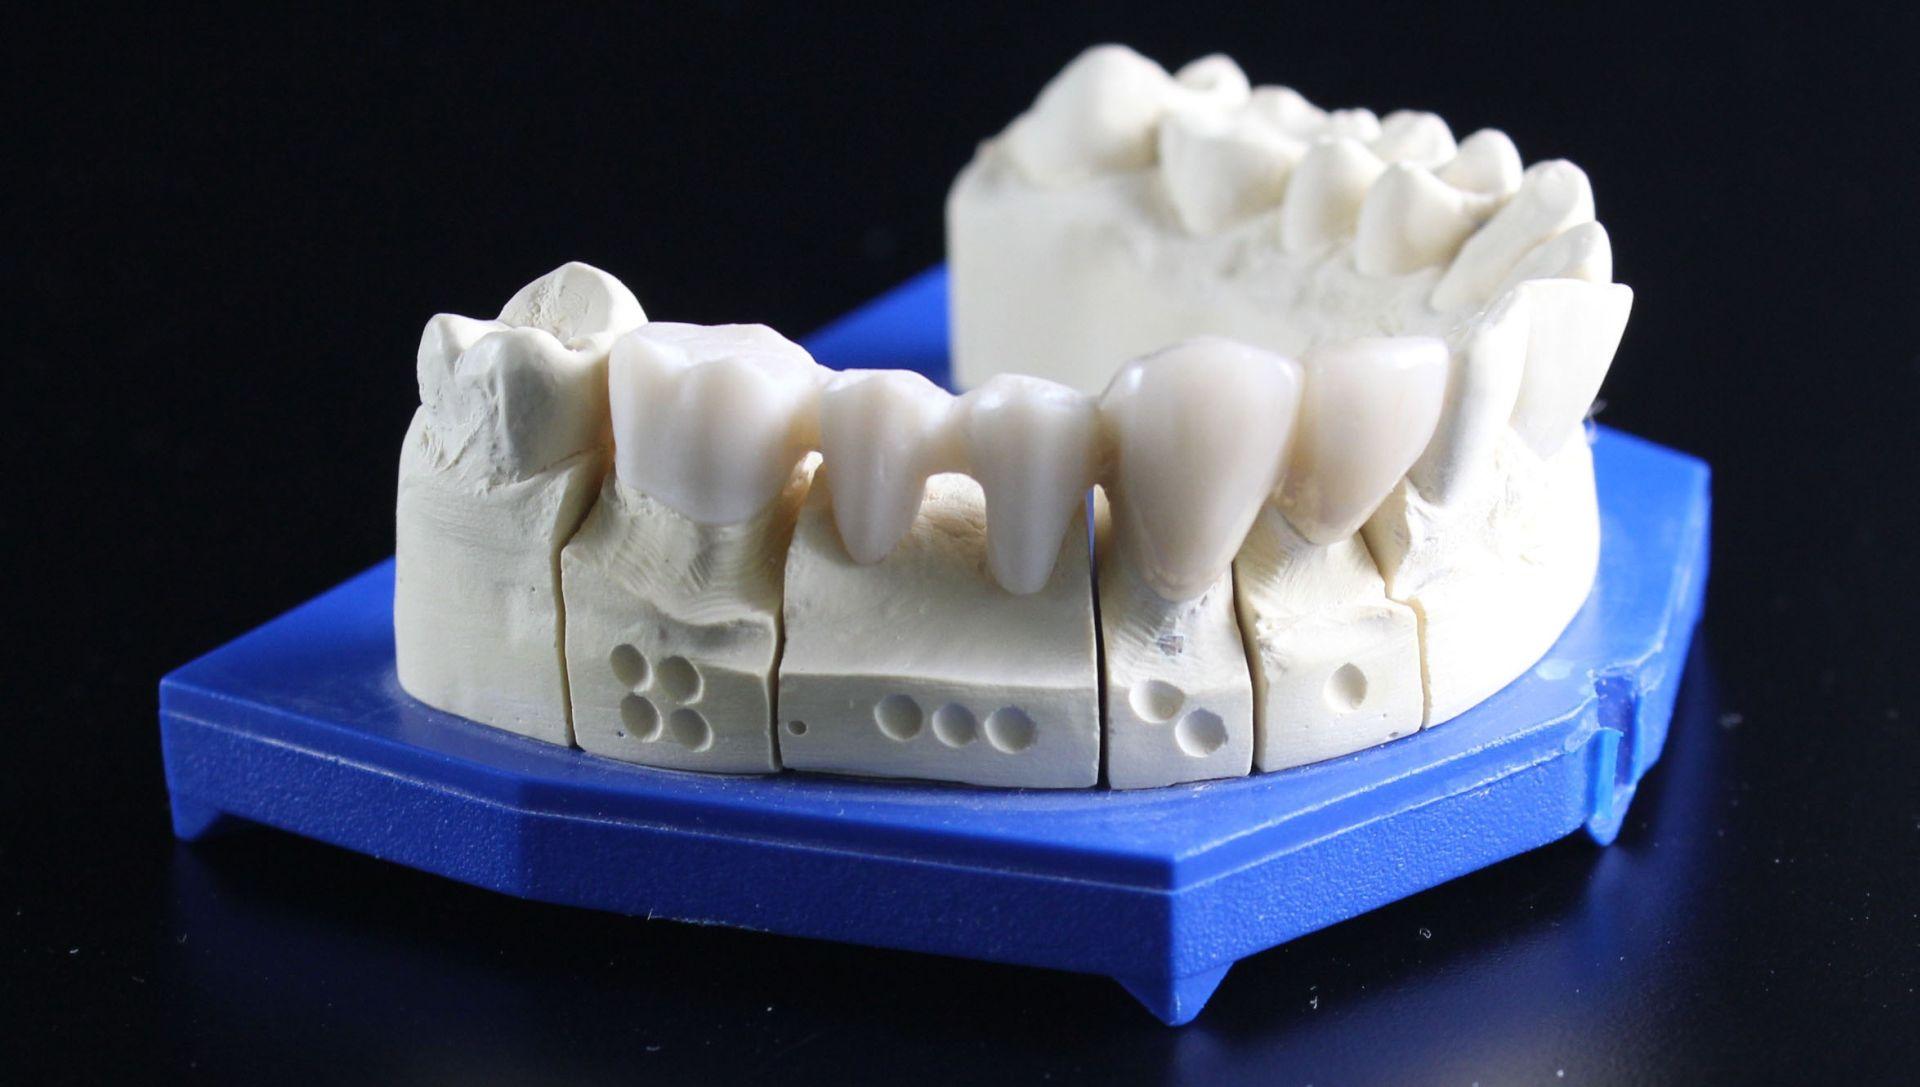 Njemački stomatolozi: Sačuvajte izbijeni zub u hladnom mlijeku